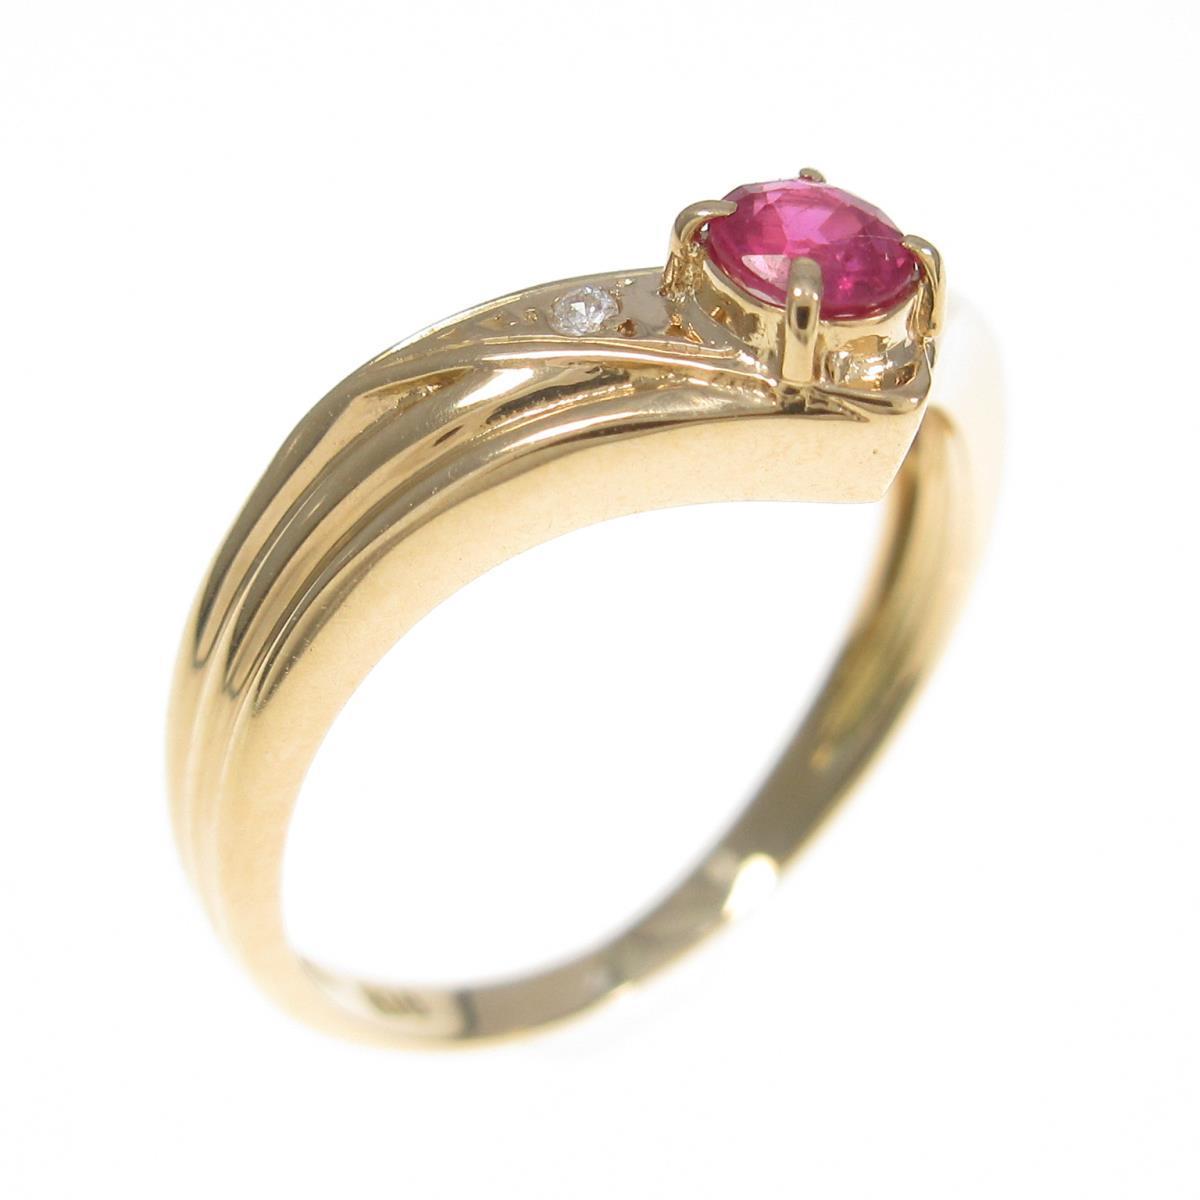 レディースジュエリー・アクセサリー, 指輪・リング K18YG